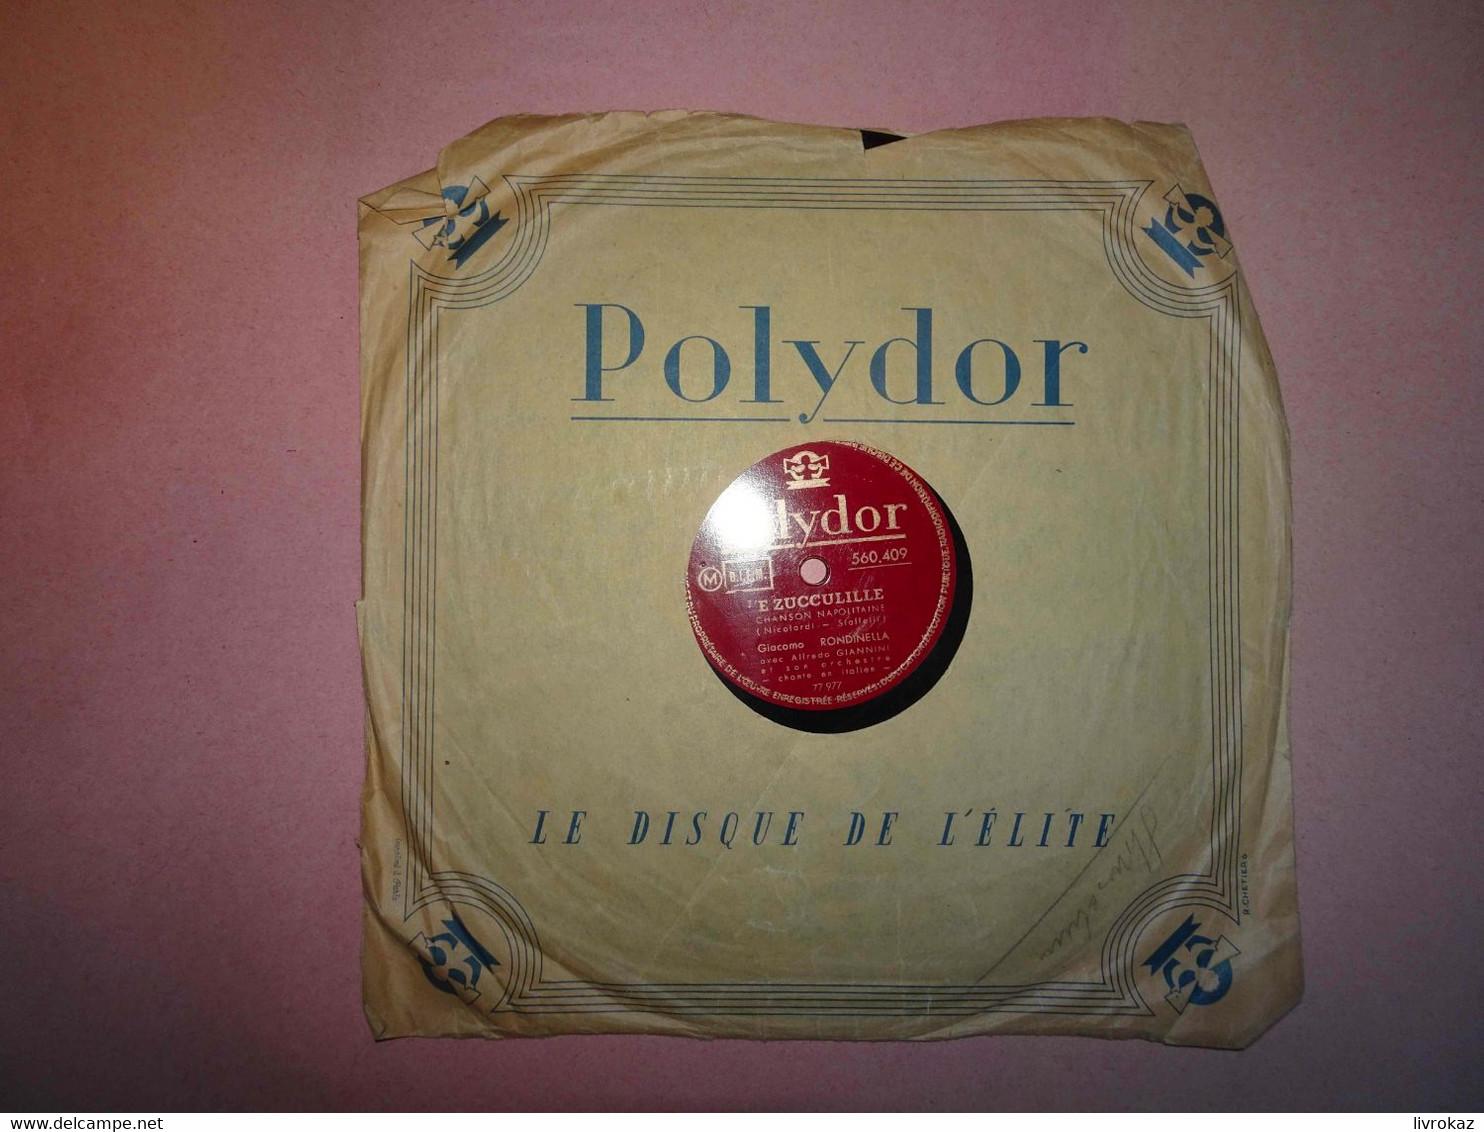 Disque 78 Tours, Napoli Gran Signora / E' Zucculille, Polydor 560 409, Giacomo Rondinella, Orchestre Alfredo Giannini - 78 G - Dischi Per Fonografi